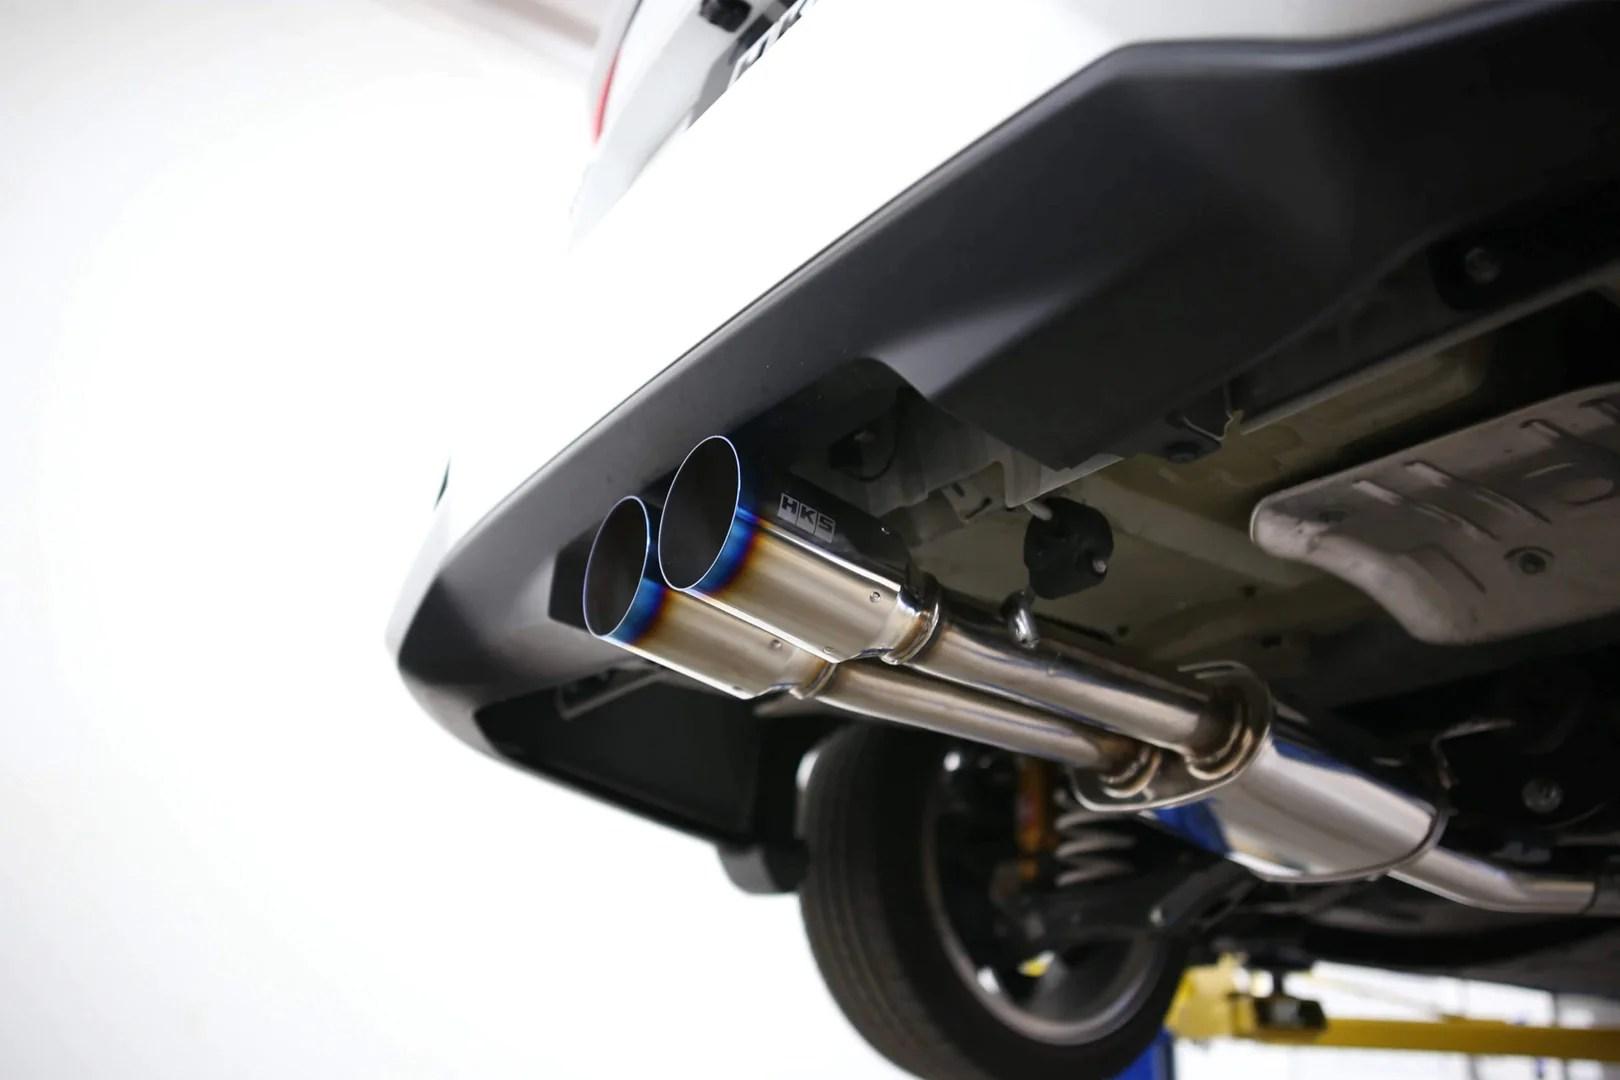 hks hi power muffler system 2017